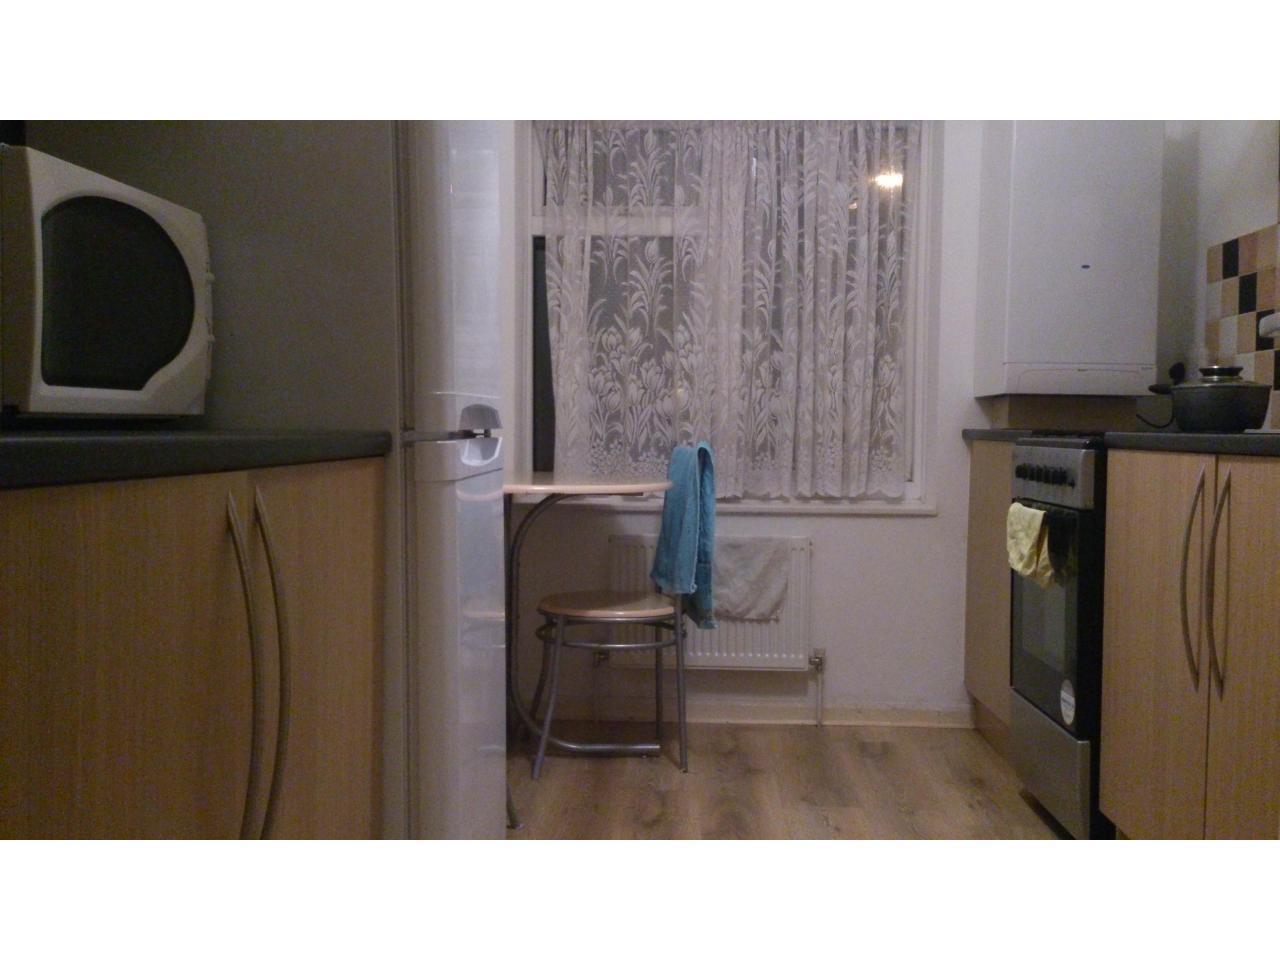 Dagenham, 4 зона, Upney,  большую комнату за 100ф. - 5